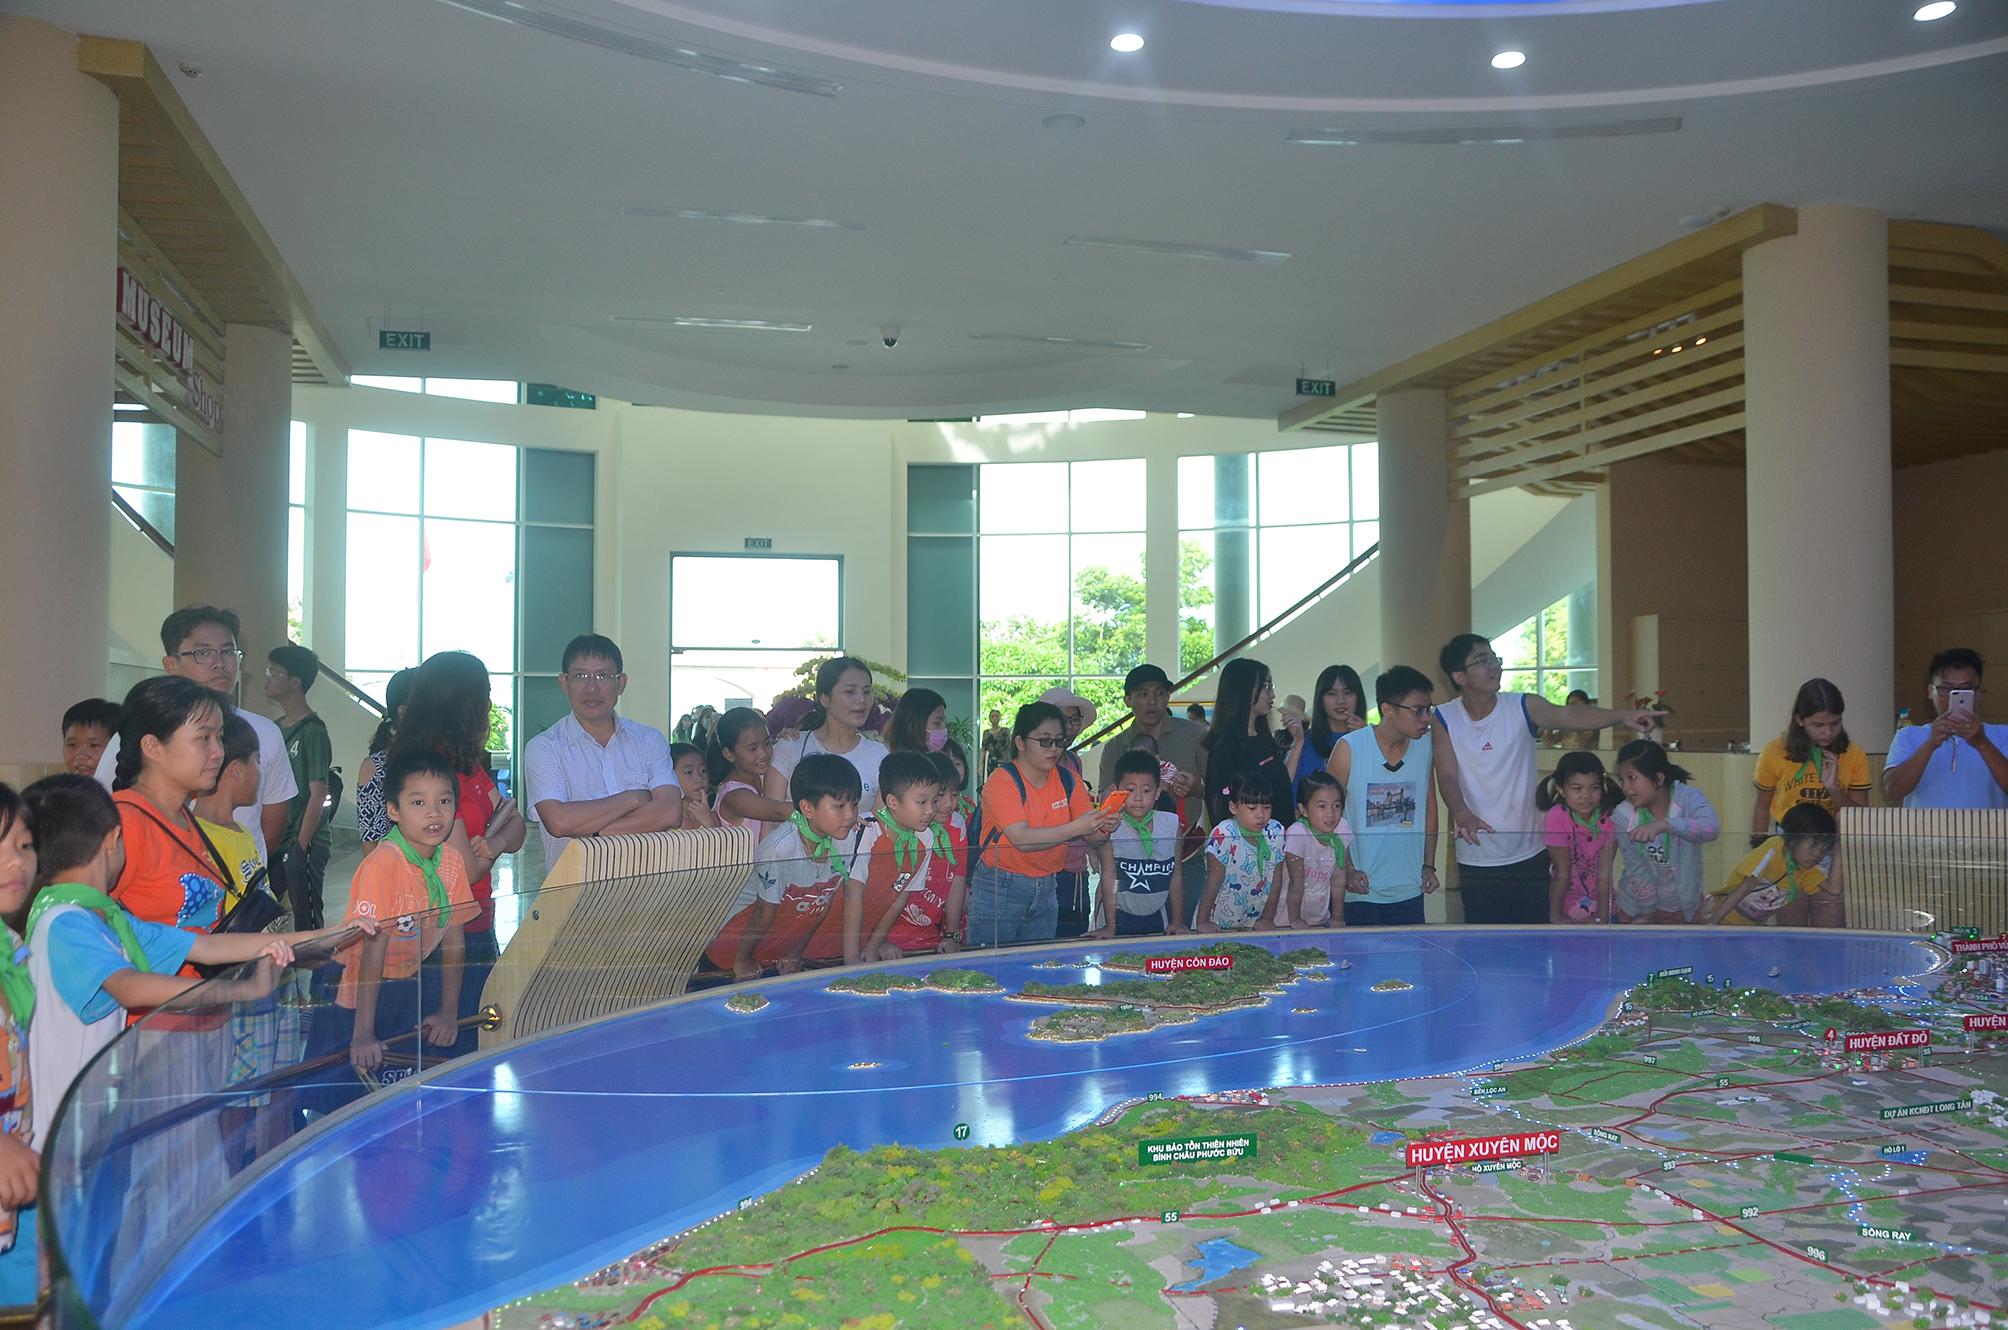 Bảo tàng Vũng Tàu